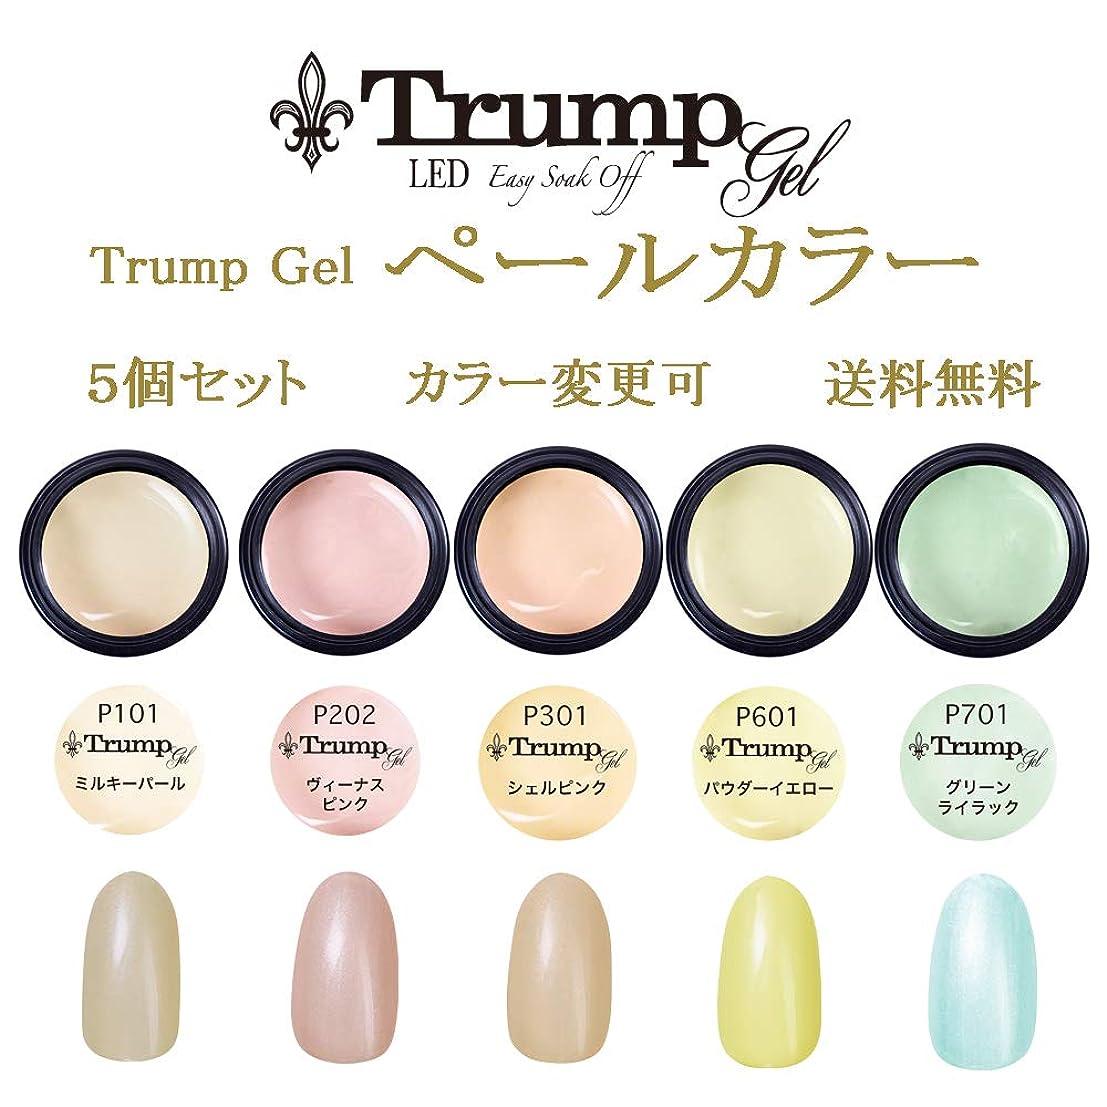 残忍な専らそれぞれ日本製 Trump gel トランプジェル ペールカラー 選べる カラージェル 5個セット パール イエロー ベージュ ピンク ブルー